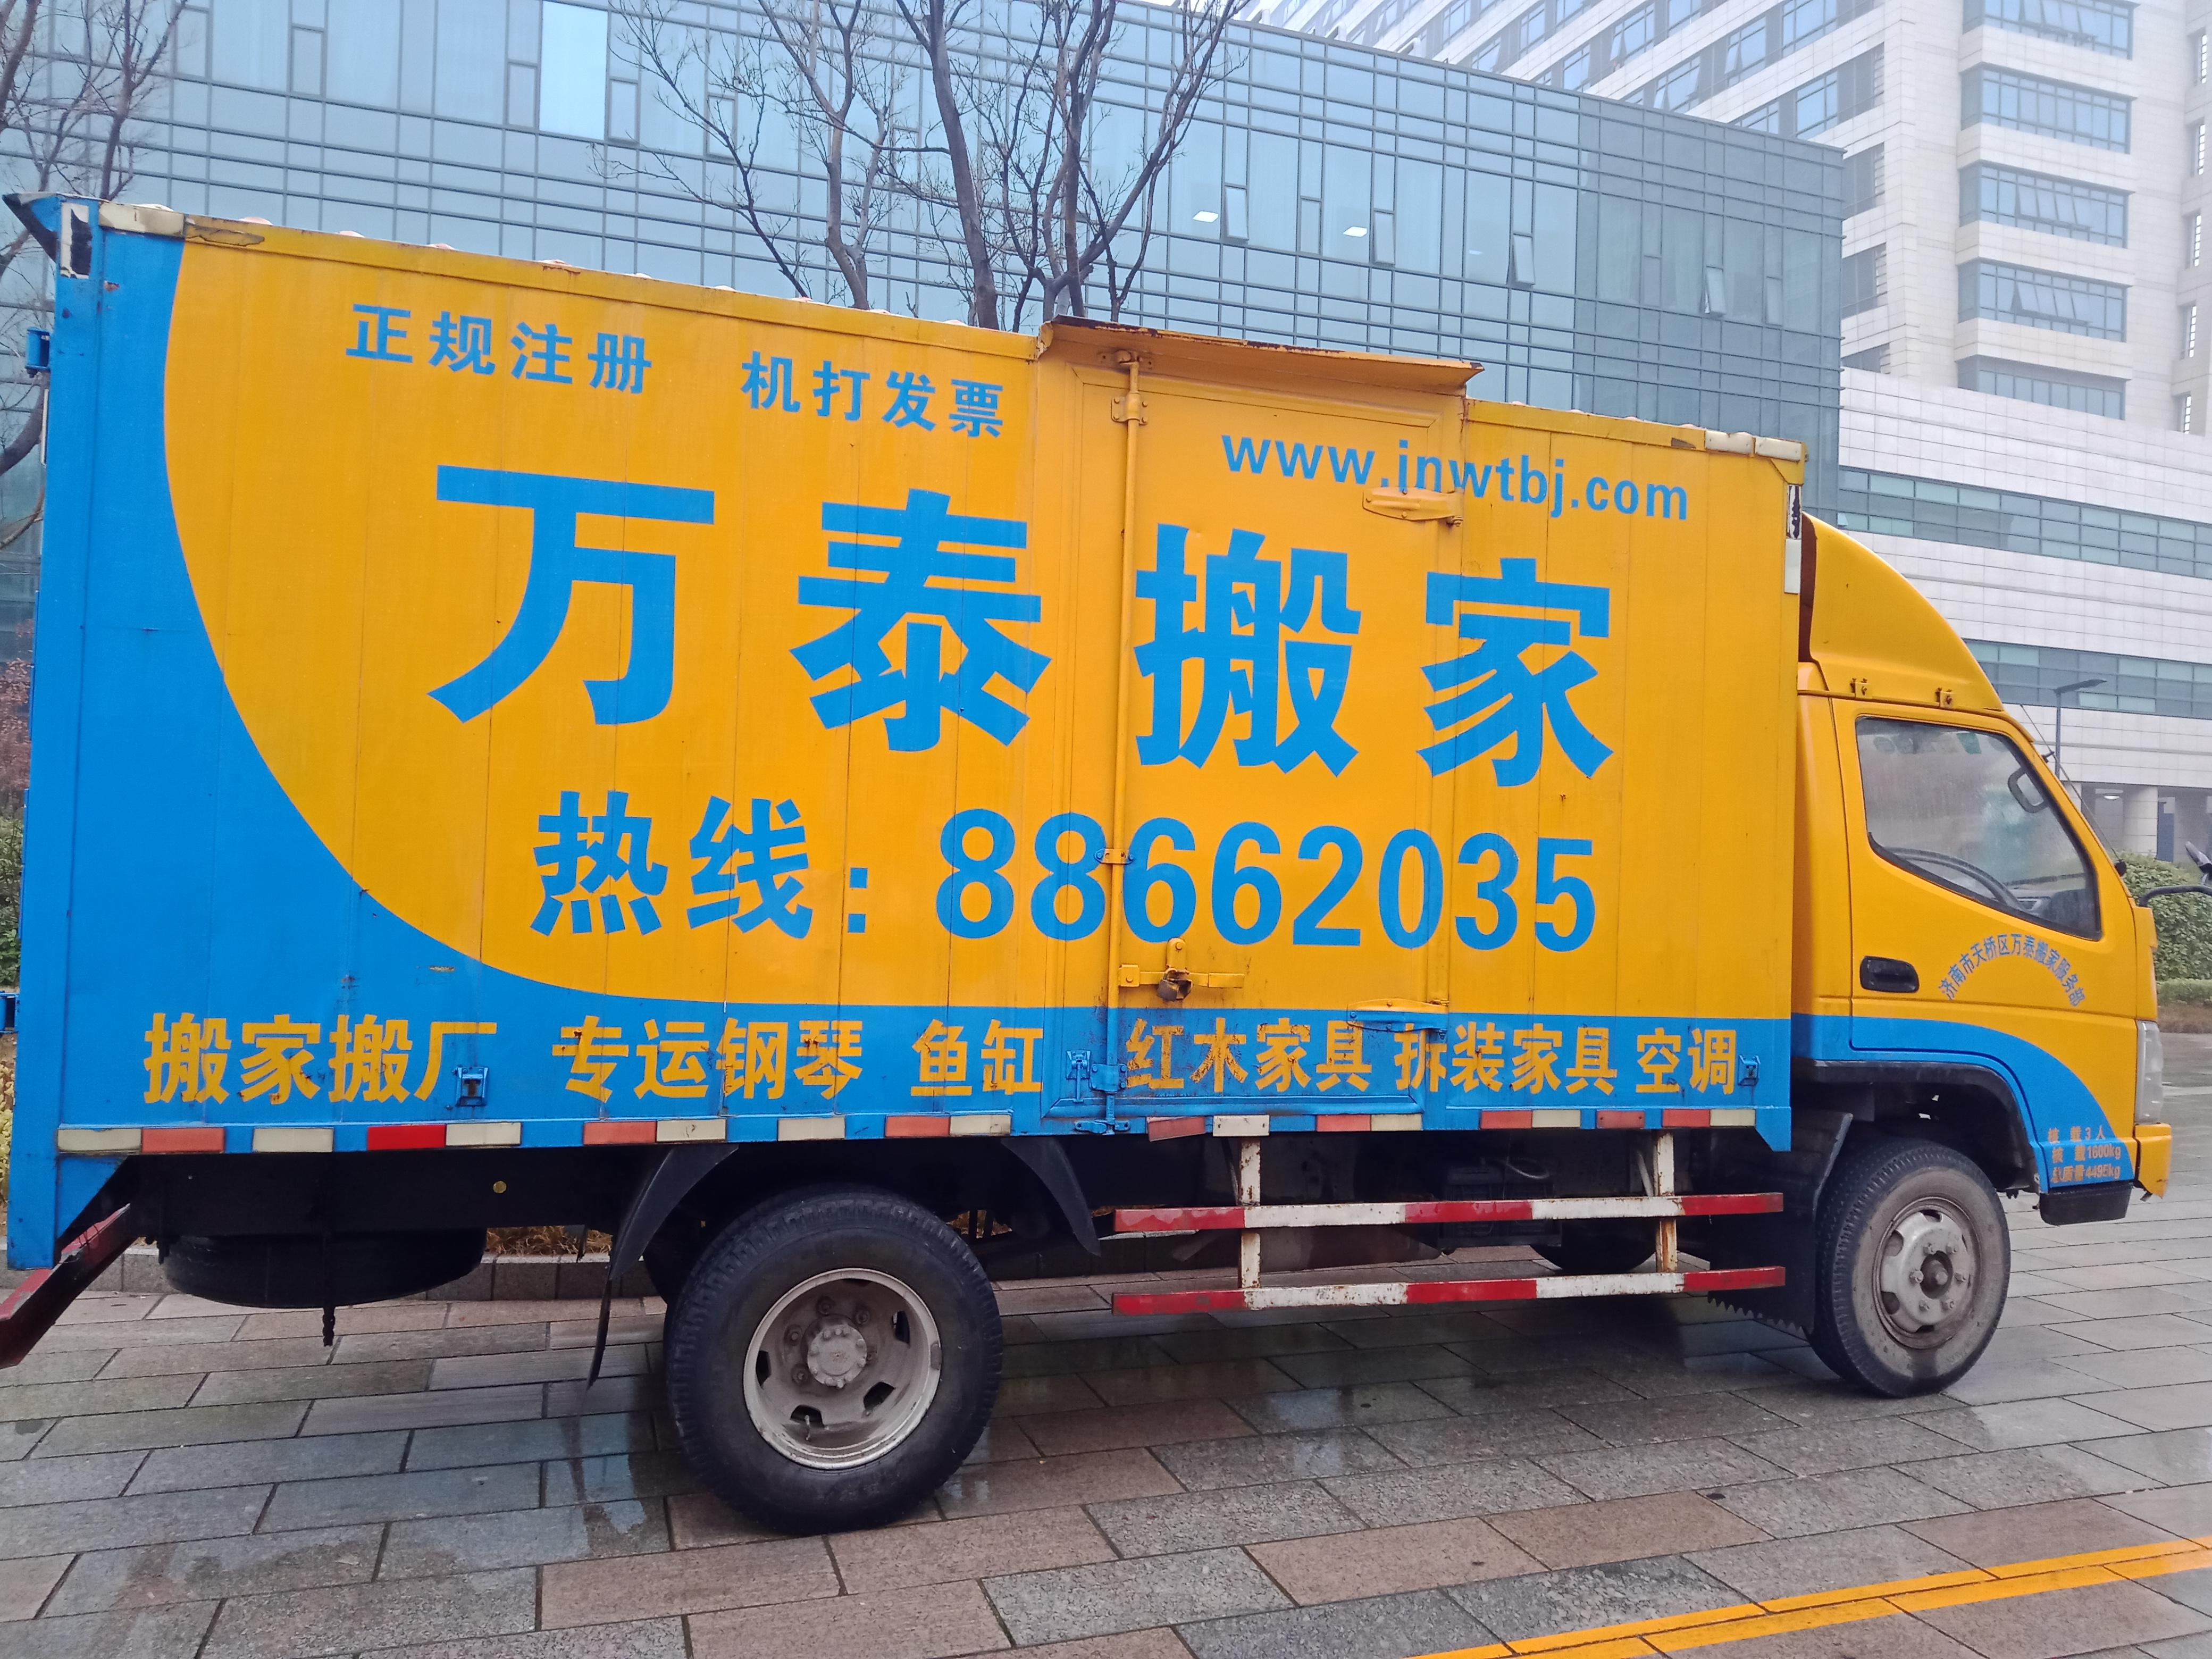 济南家庭搬家电话15098925616,专业山东济南搬家公司,万泰搬家价格便宜_两小时就搬好了